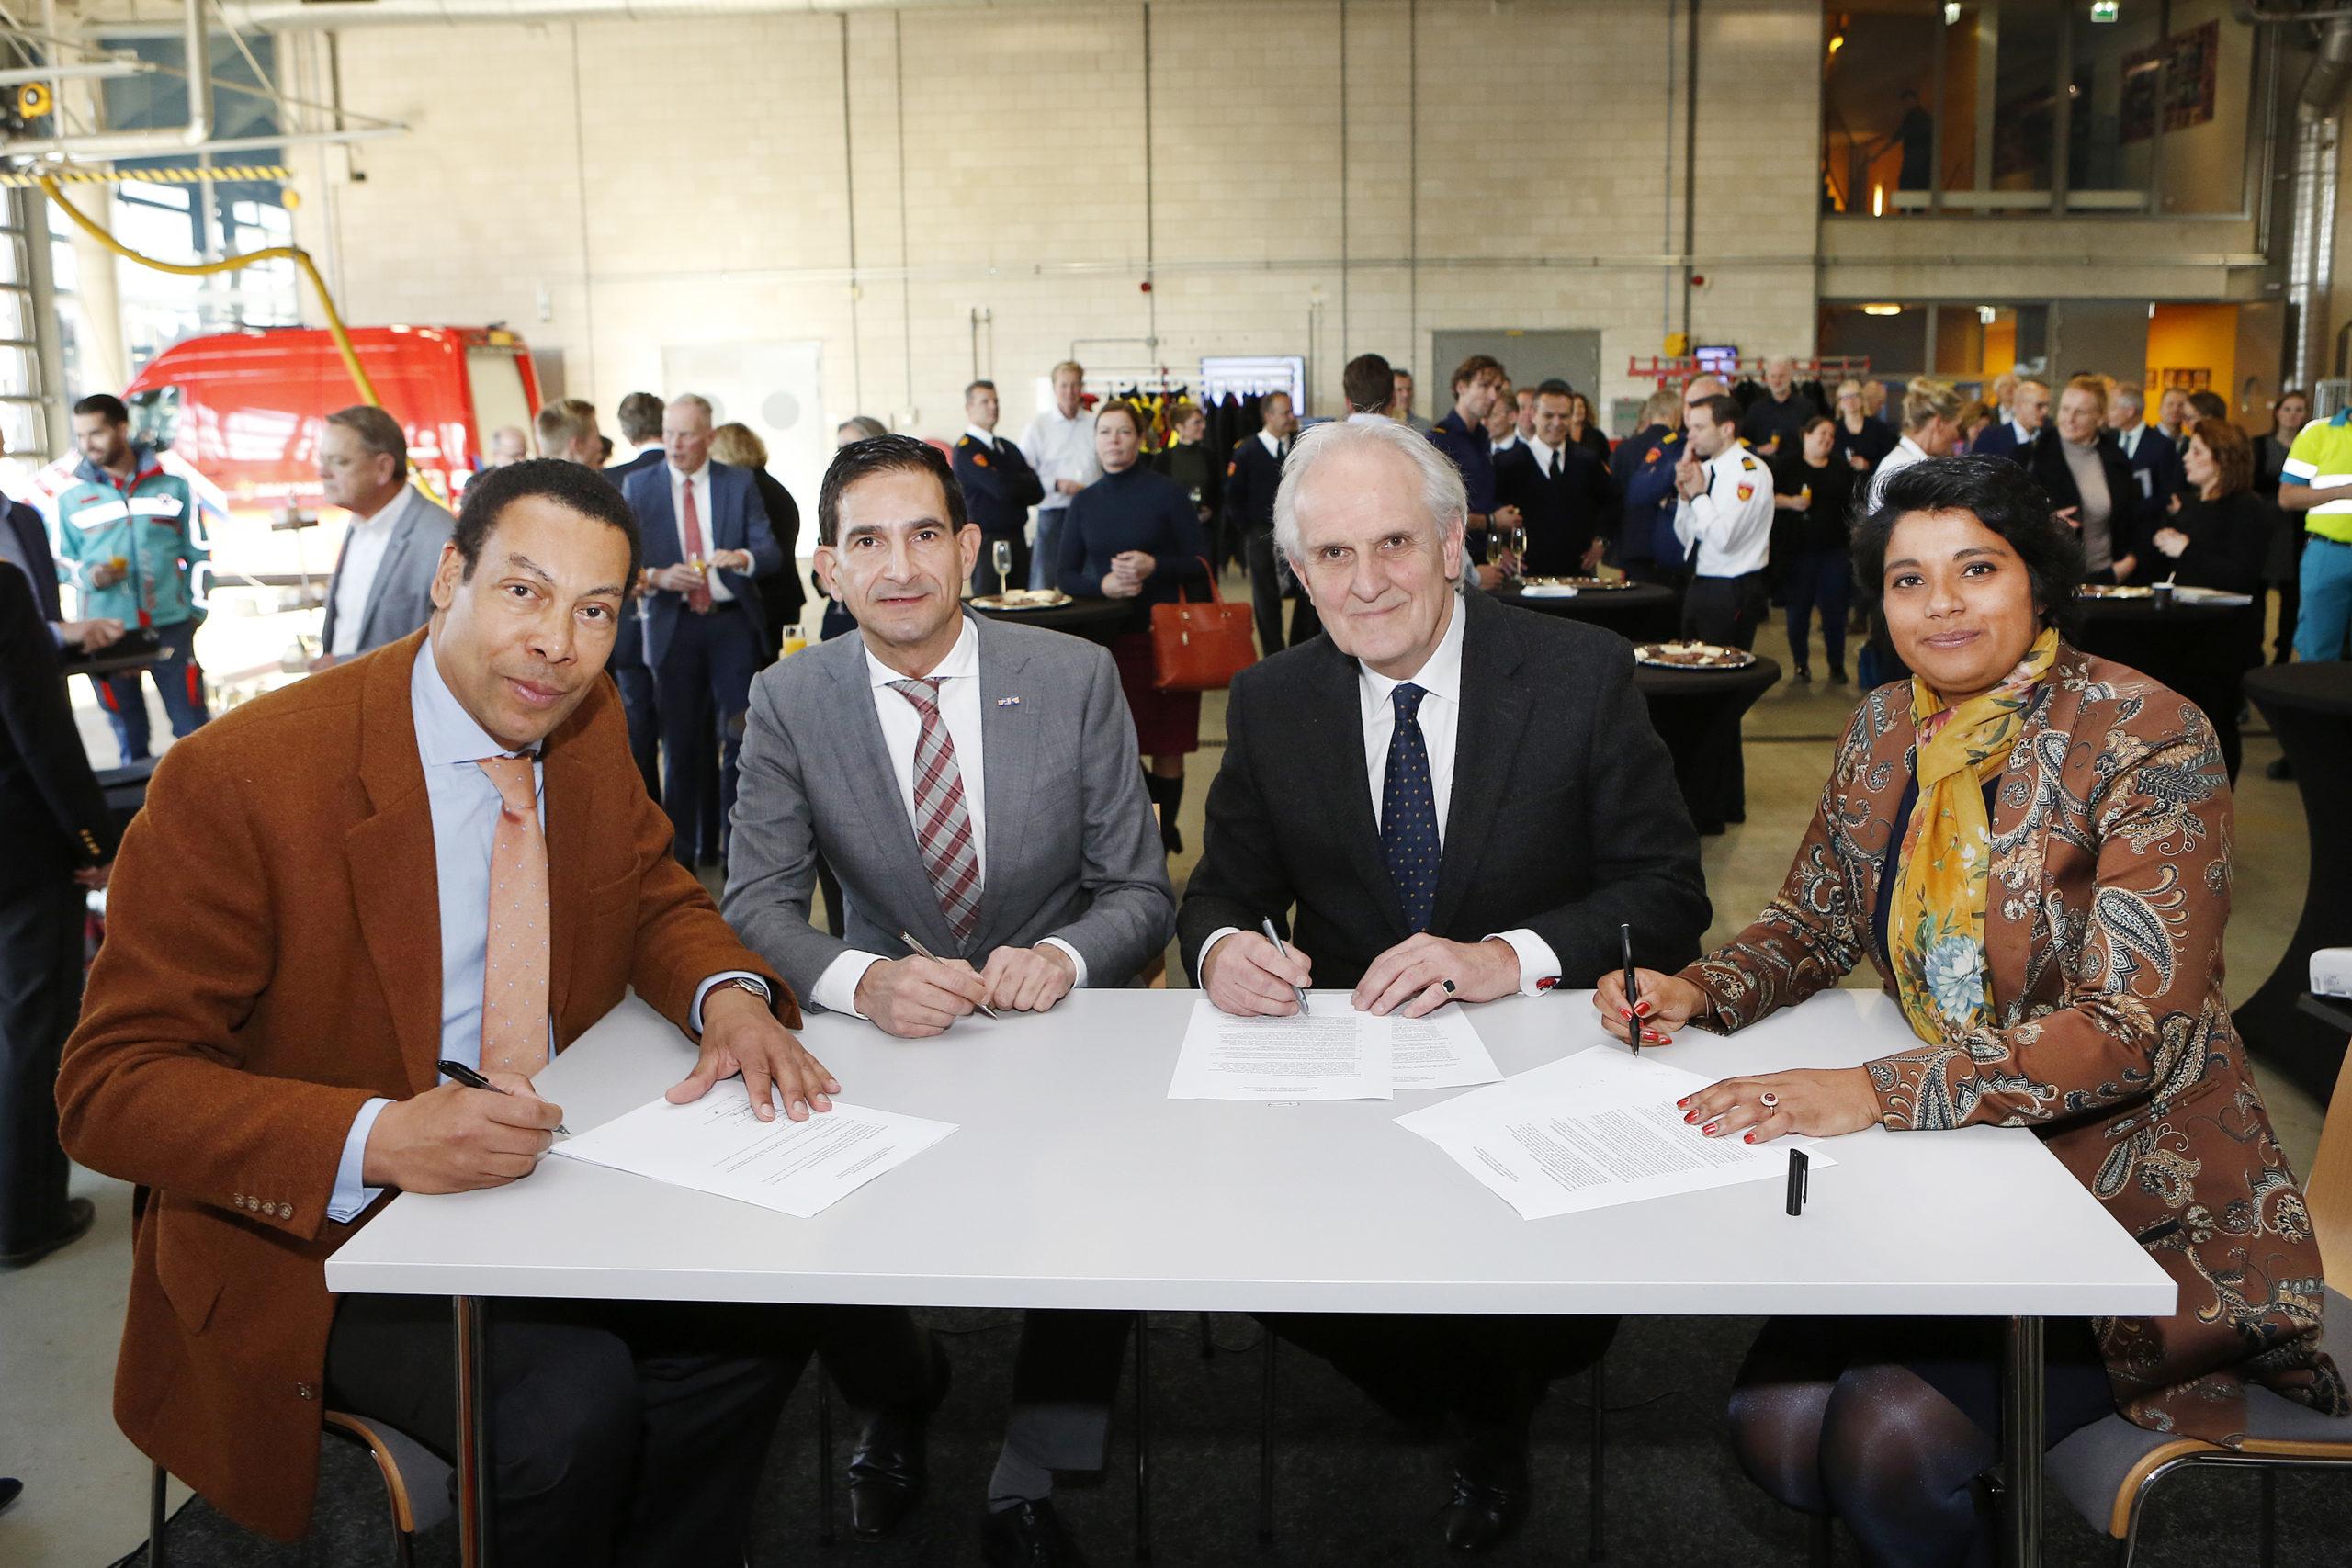 Samenwerking veiligheidsregio's Gooi en Vechtstreek en Flevoland en beide GGD'en bekrachtigd